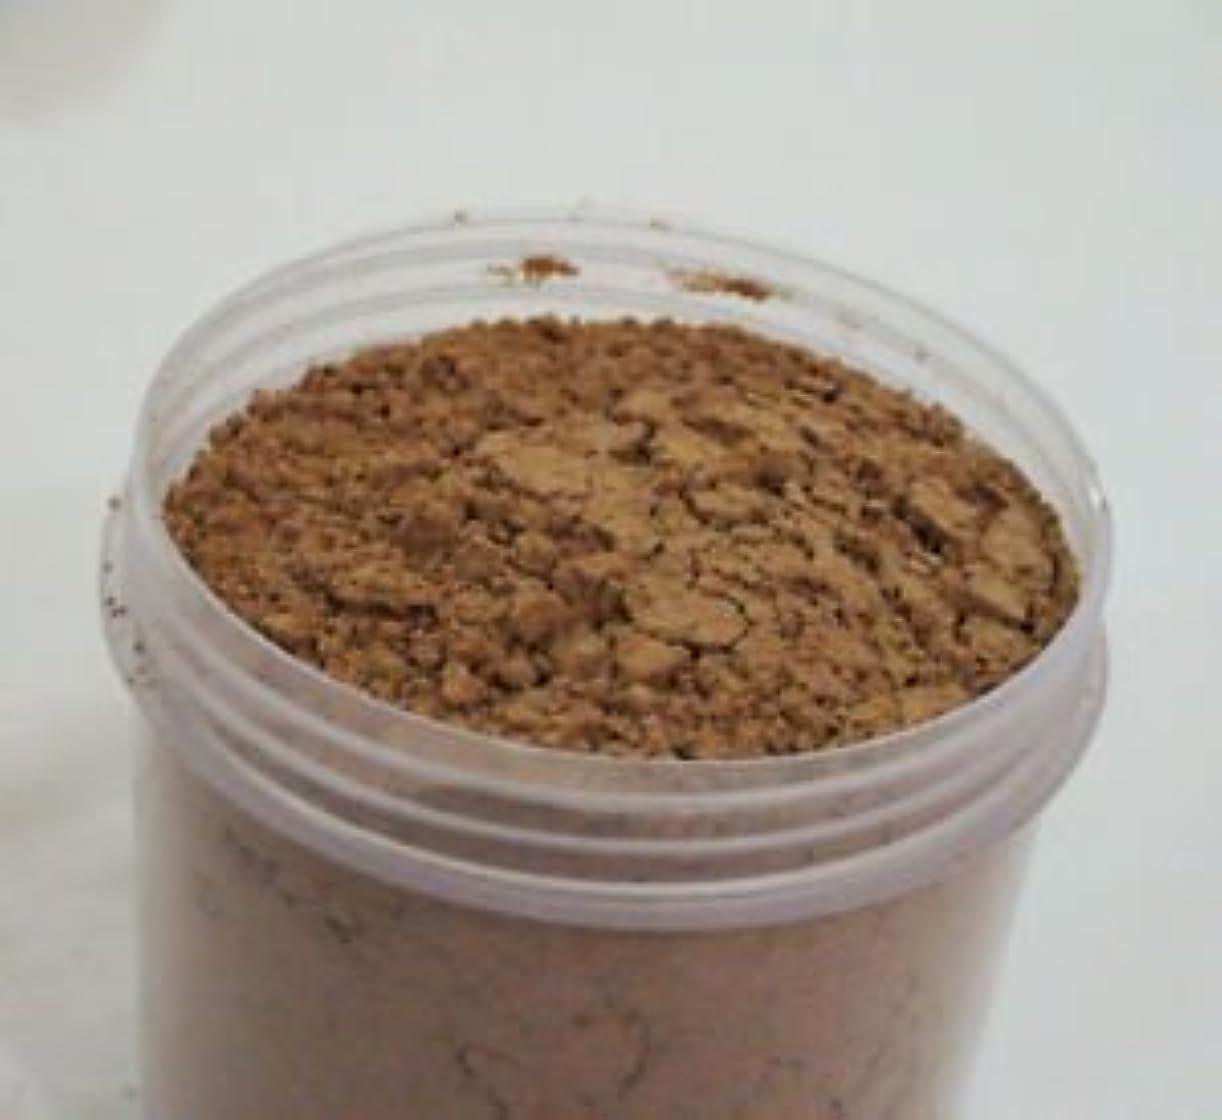 曲カフェテリア心臓Sandalwood Chandan Powder, Pure and Natural (Approx 60 Grams)